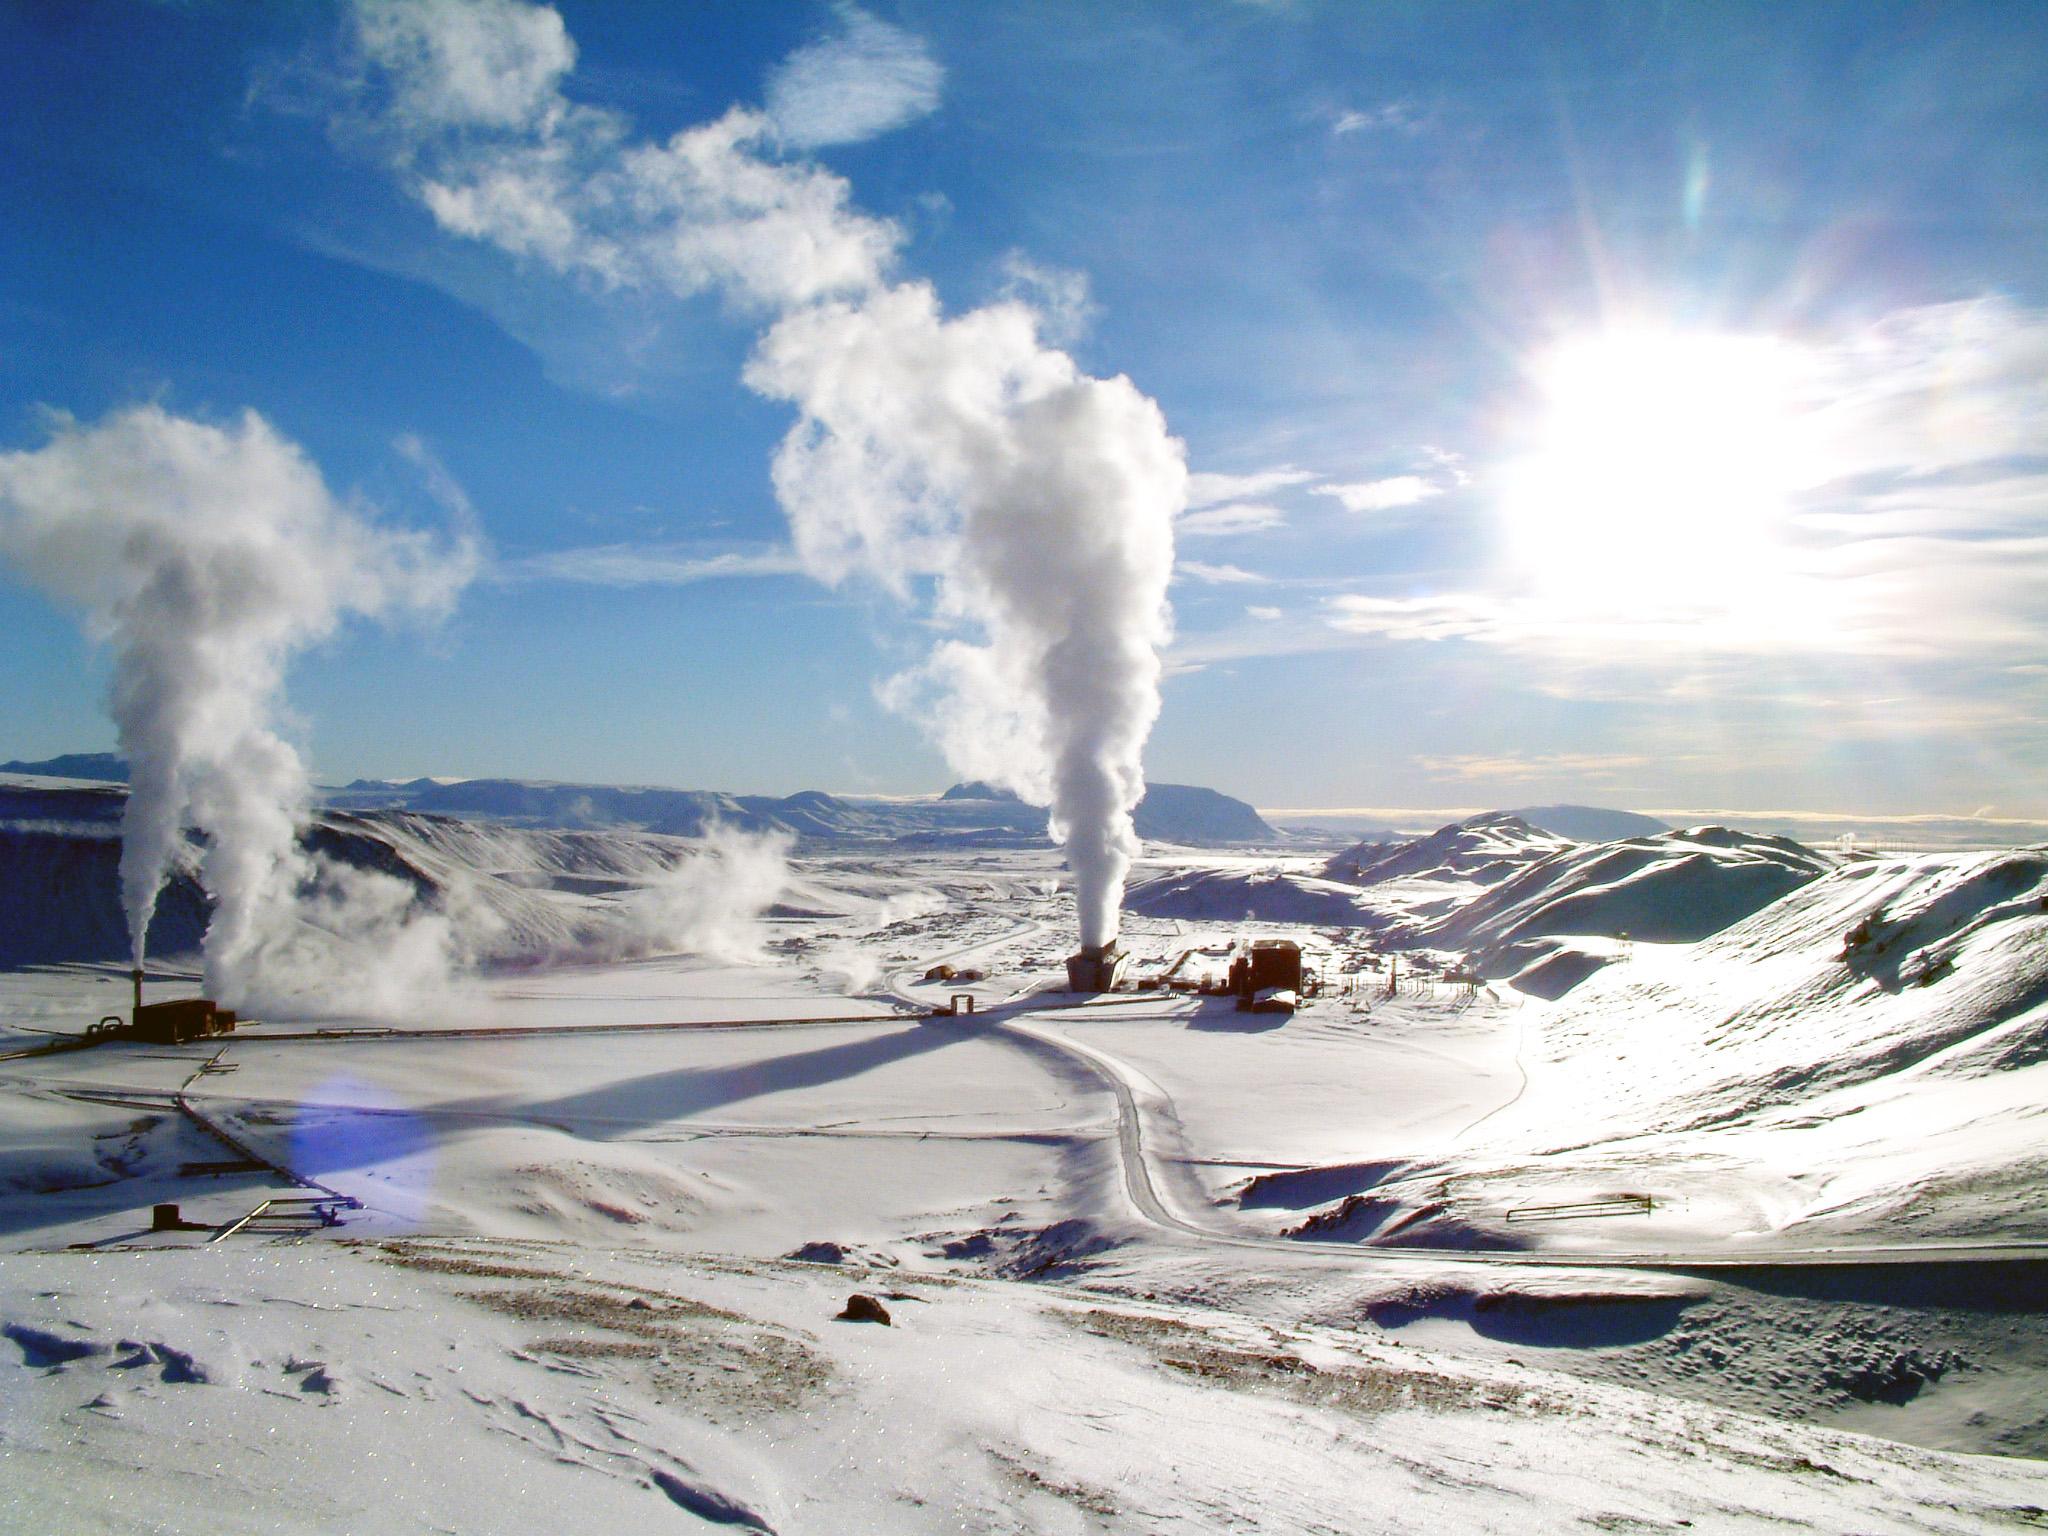 انرژی زمین گرمایی و کاربردهای آن-درست مصرف کنیم - آموزش همگانی - آگاهی مصرف